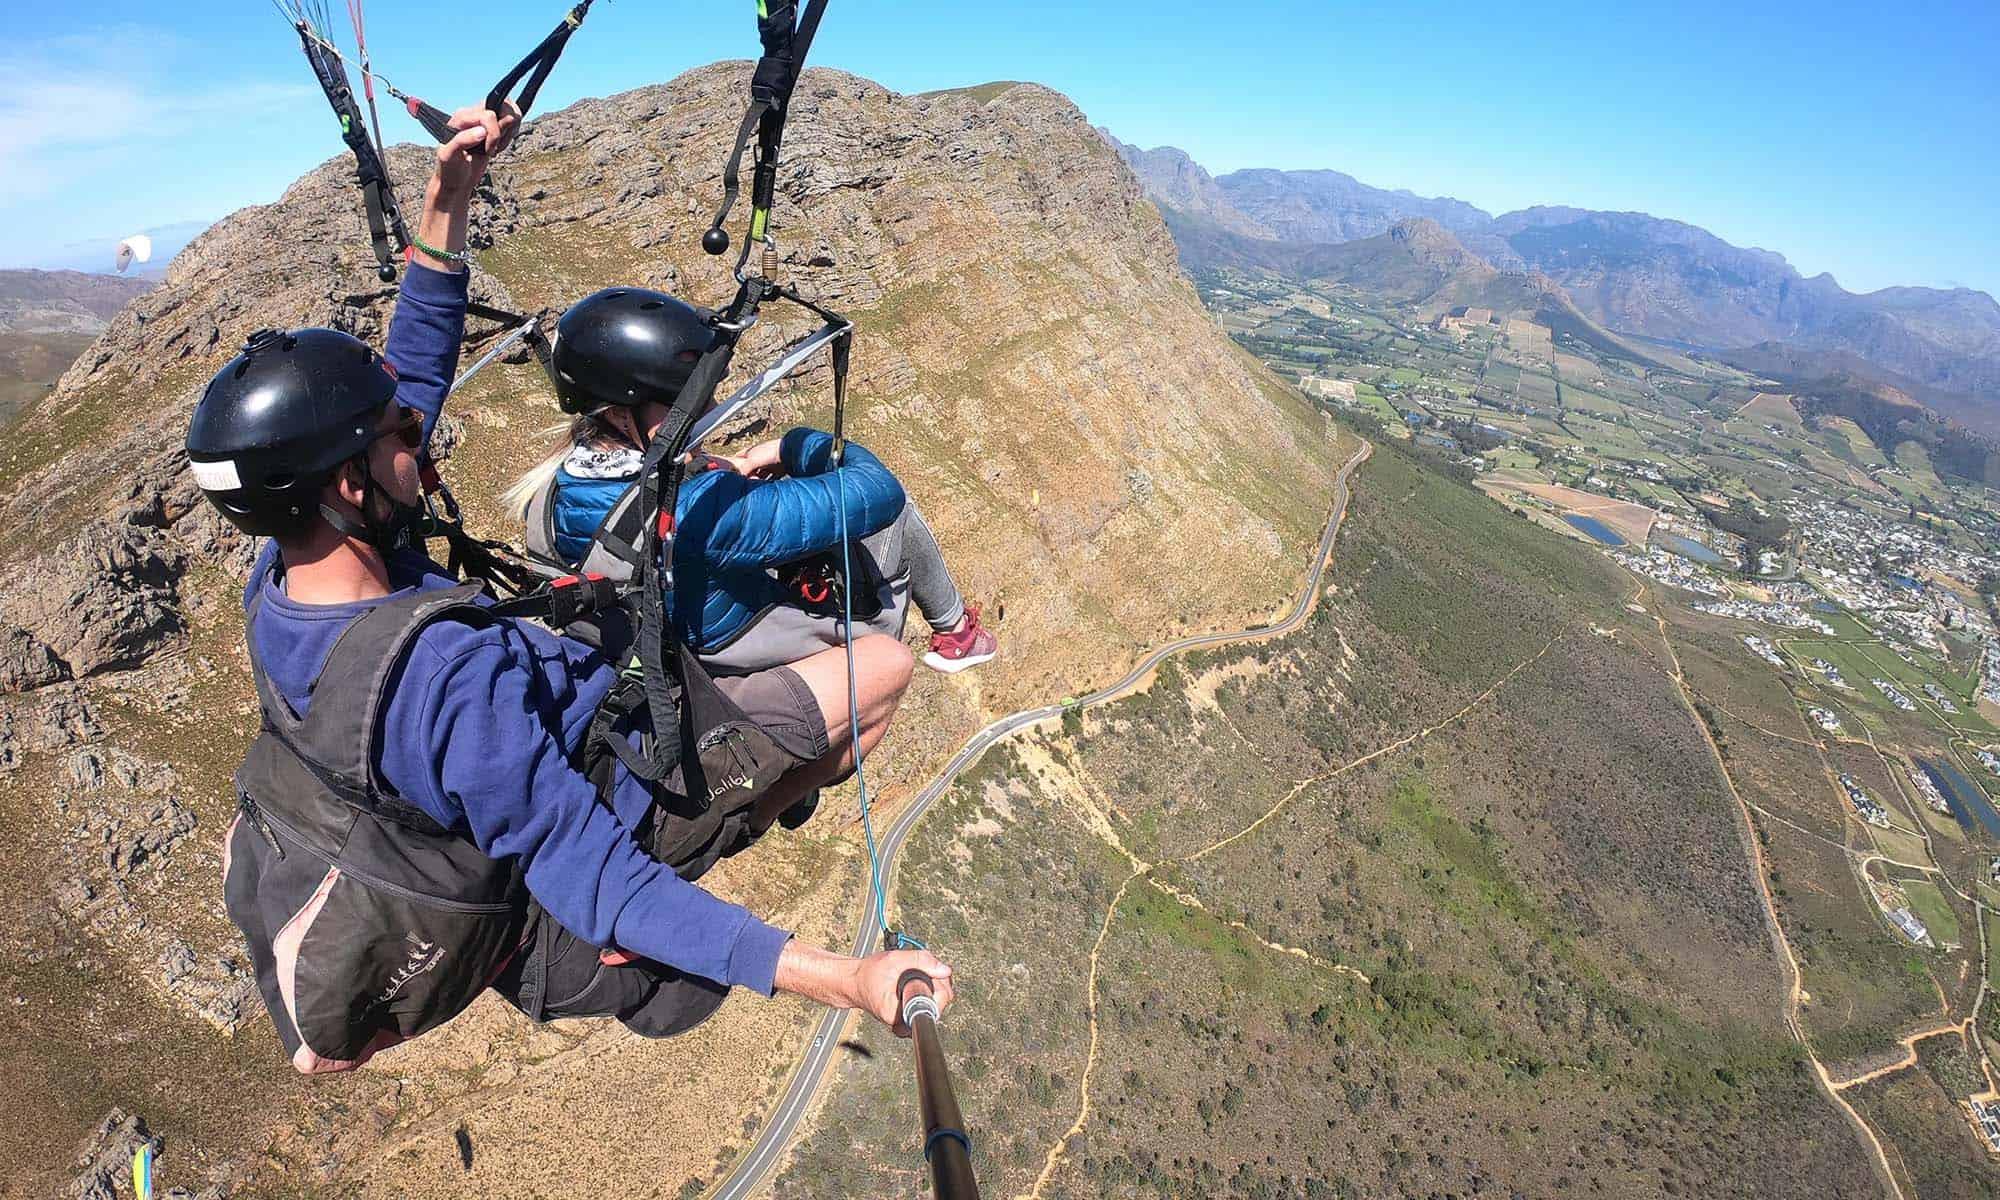 cape-hope-paragliding-23-min